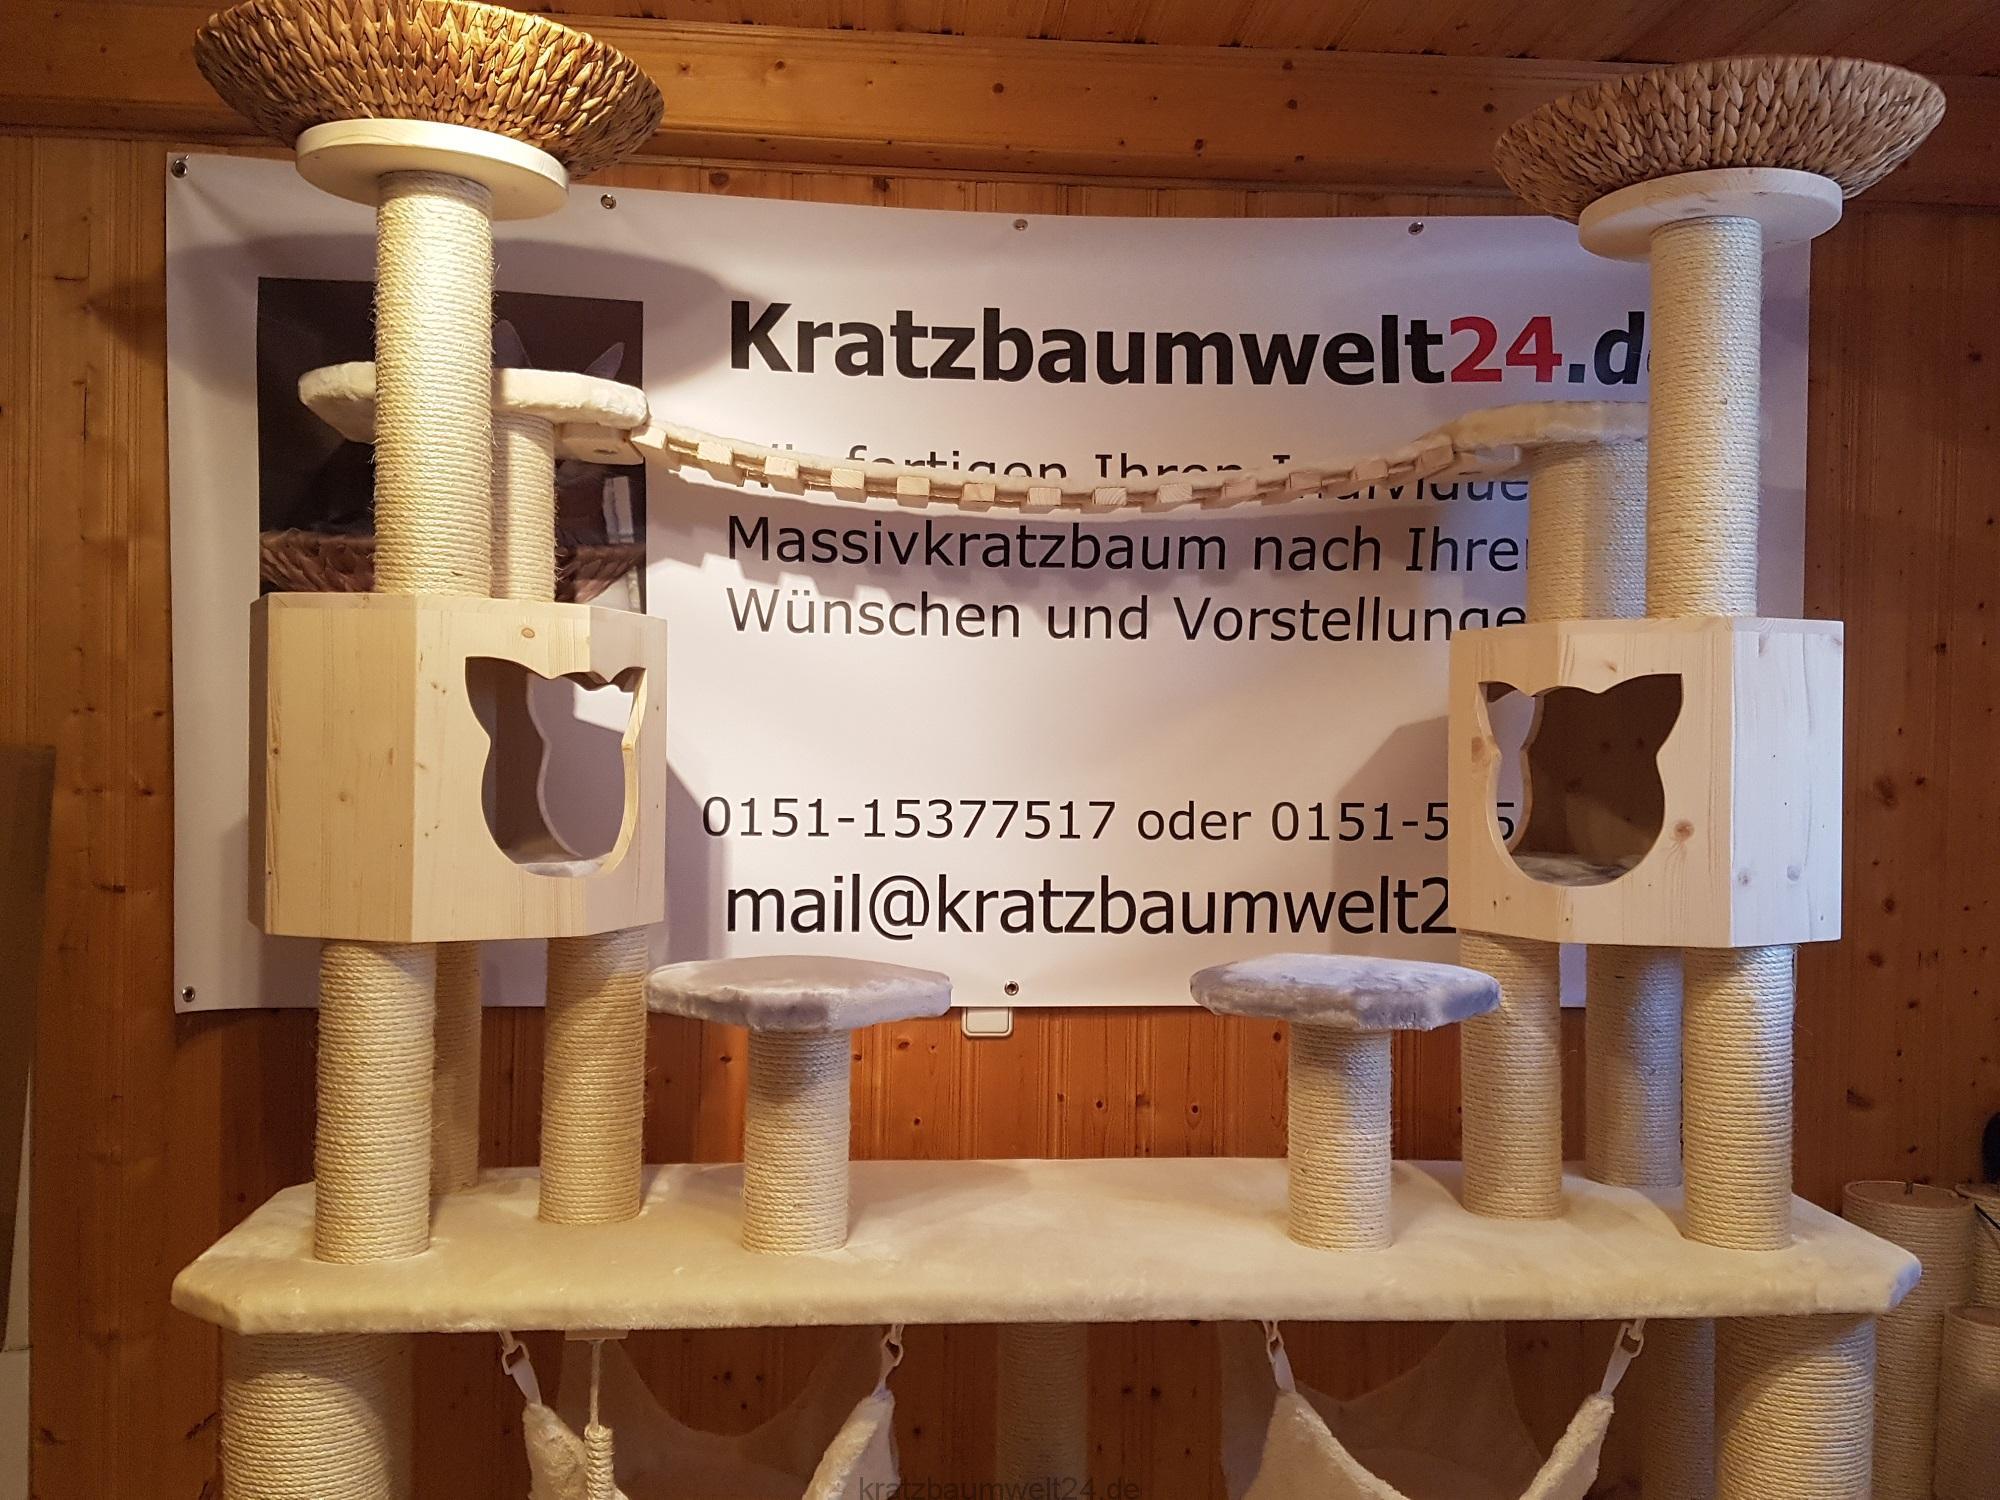 h hle f r katzen kratzbaum f r schwere katzen kratzbaum. Black Bedroom Furniture Sets. Home Design Ideas